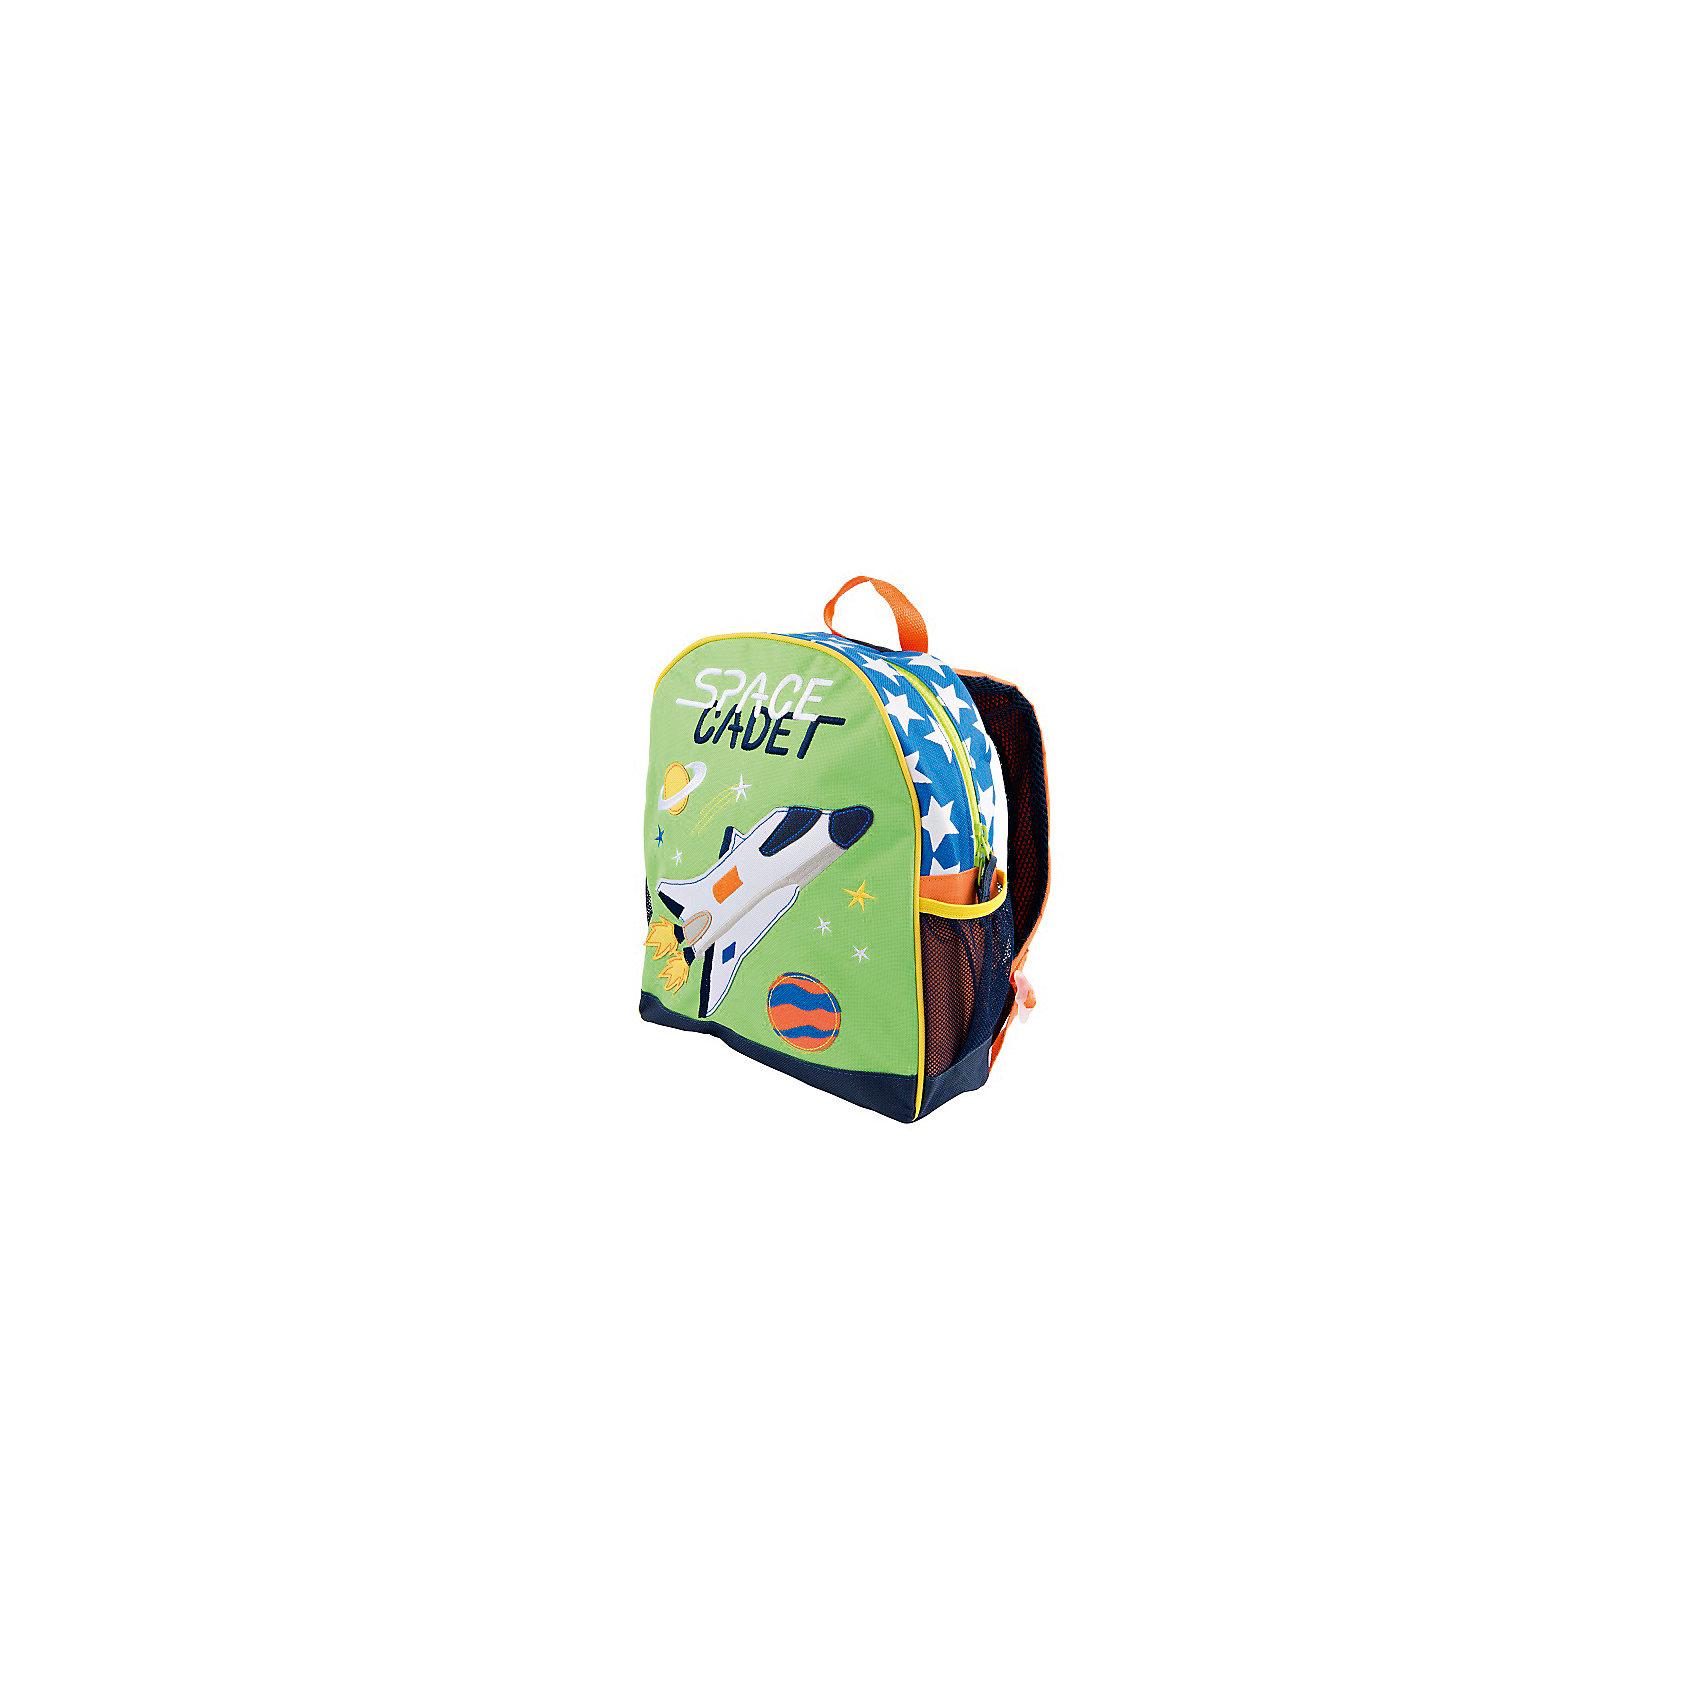 Рюкзаки  HatleyРюкзаки  от известного бренда Hatley.<br>Вместительный детский рюкзак  имеет большое основное отделение, в которое поместятся многочисленные принадлежности ребенка. Благодаря ультралегкому весу, рюкзак удобно носить на любые расстояния и при любой загруженности. Прекрасно подходит для похода в детский сад, в гости, на секции, для путешествий.<br>Состав:<br>100% полиэстер<br><br>Ширина мм: 227<br>Глубина мм: 11<br>Высота мм: 226<br>Вес г: 350<br>Цвет: разноцветный<br>Возраст от месяцев: 24<br>Возраст до месяцев: 144<br>Пол: Унисекс<br>Возраст: Детский<br>Размер: one size<br>SKU: 5020962